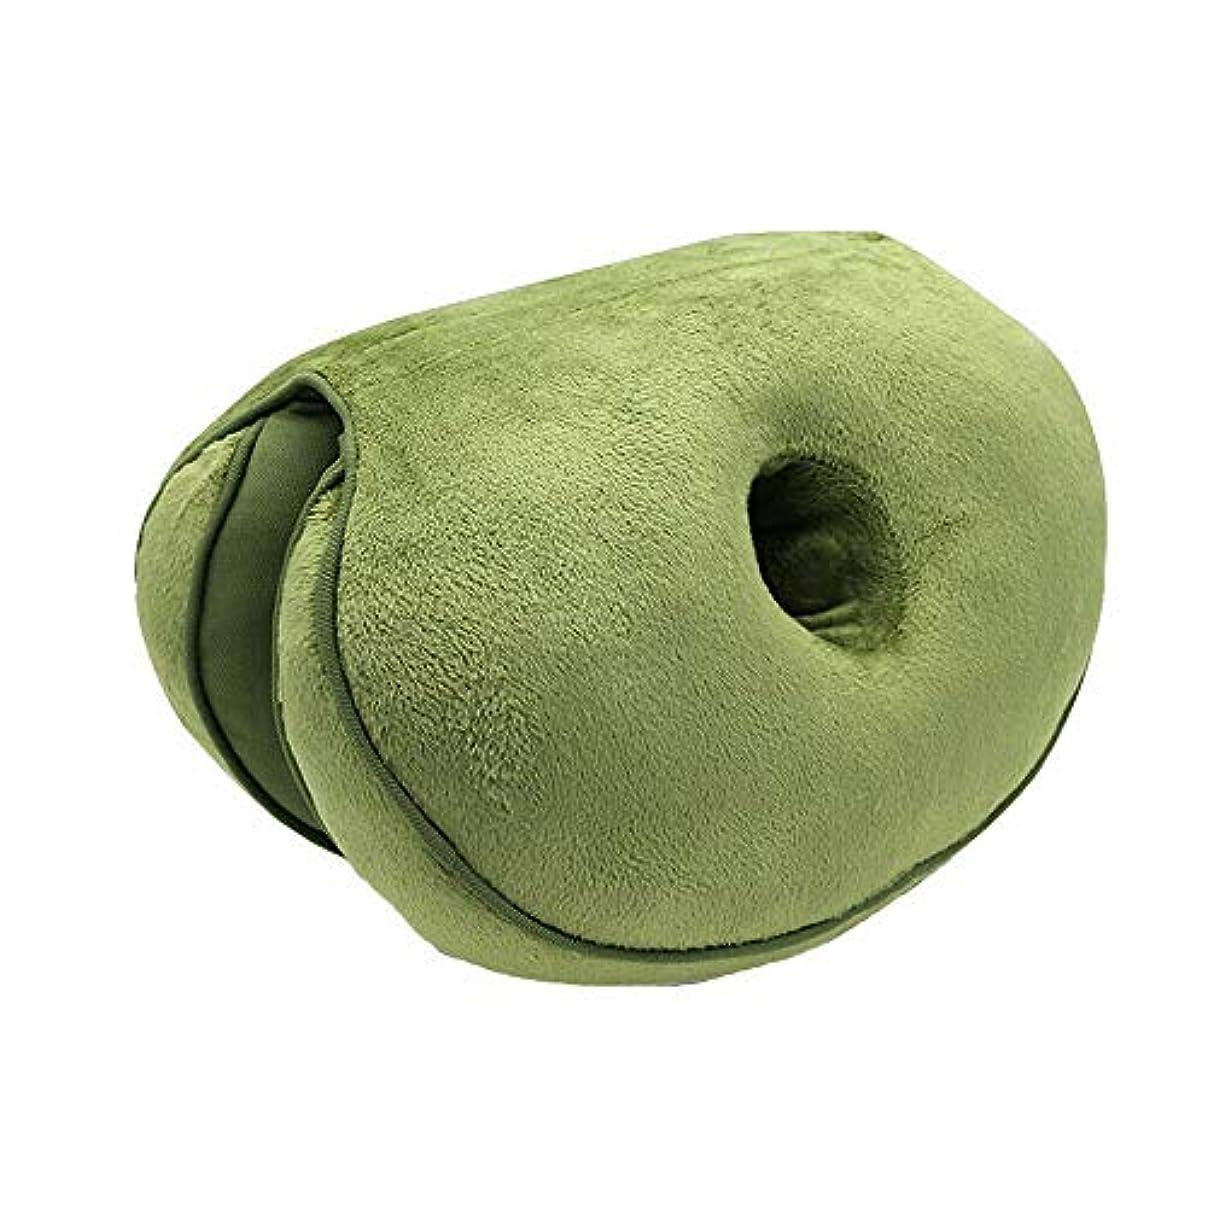 正確安全な反対するLIFE2019 新デュアルシートクッション低反発ラテックスオフィスチェアバックシートクッション快適な臀部マットパッド枕旅行枕女性女の子クッション 椅子